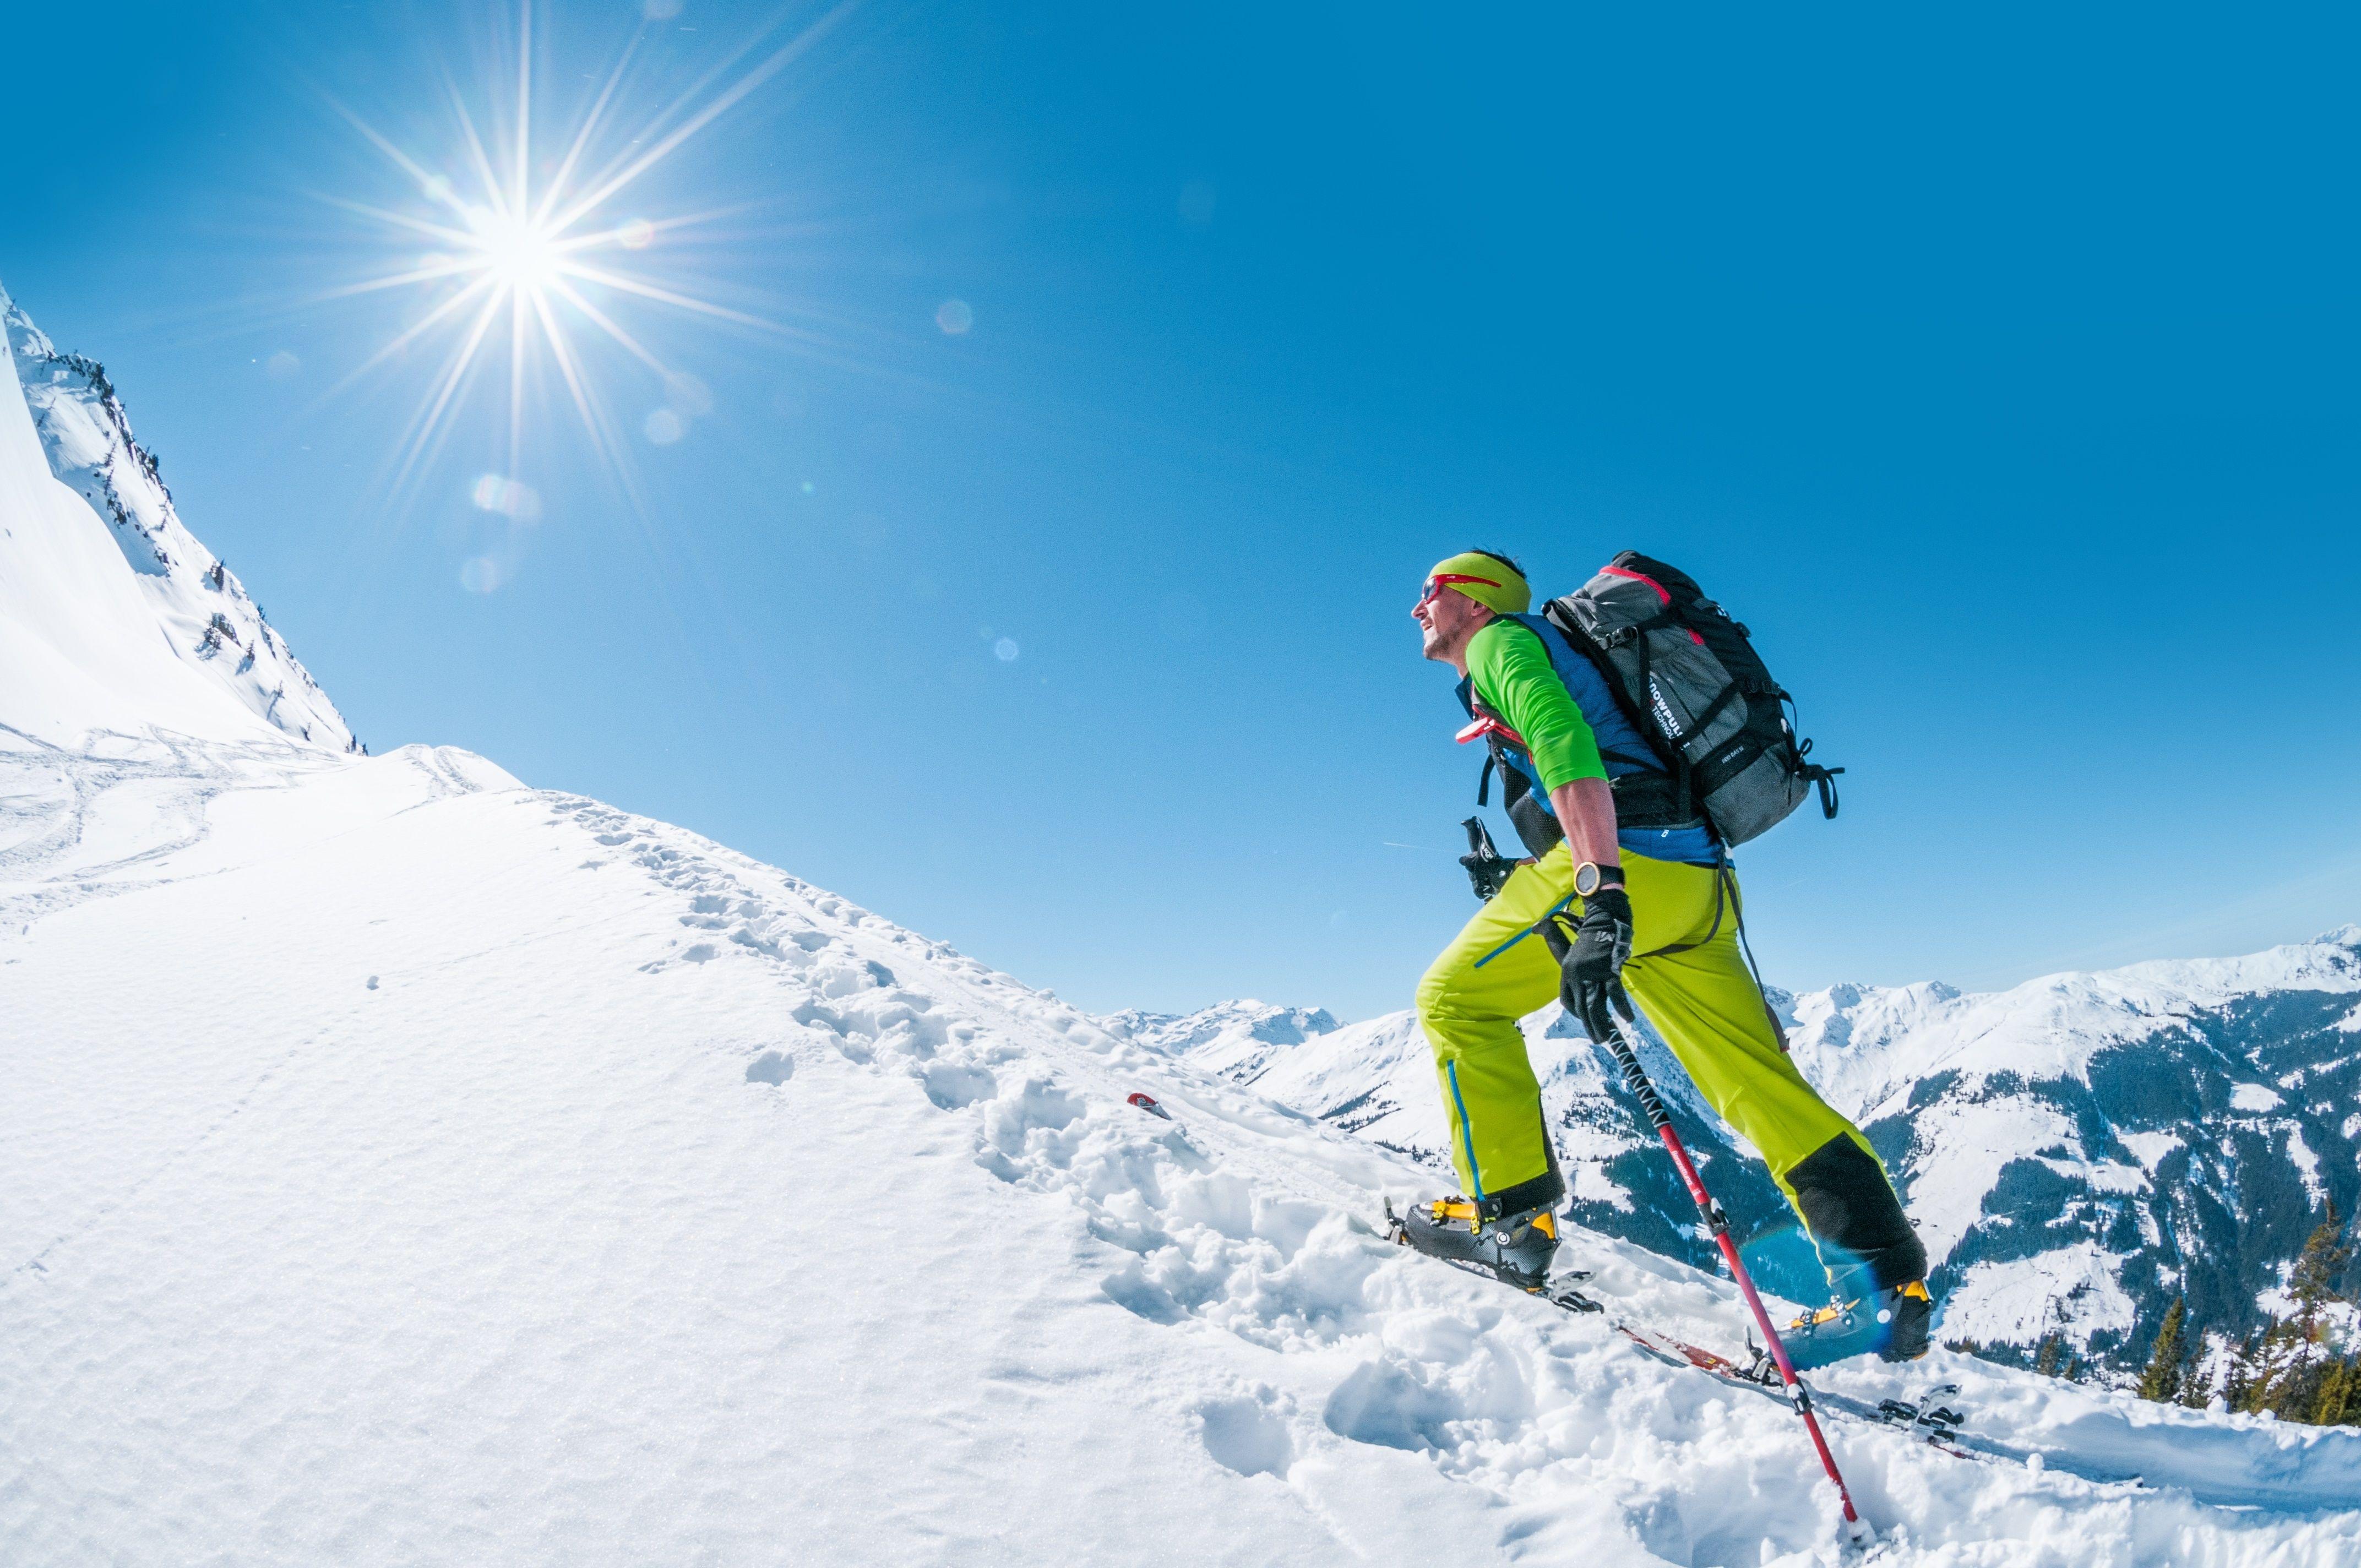 skitourengehen-in-den-kitzbueheler-alpenstefanherbke